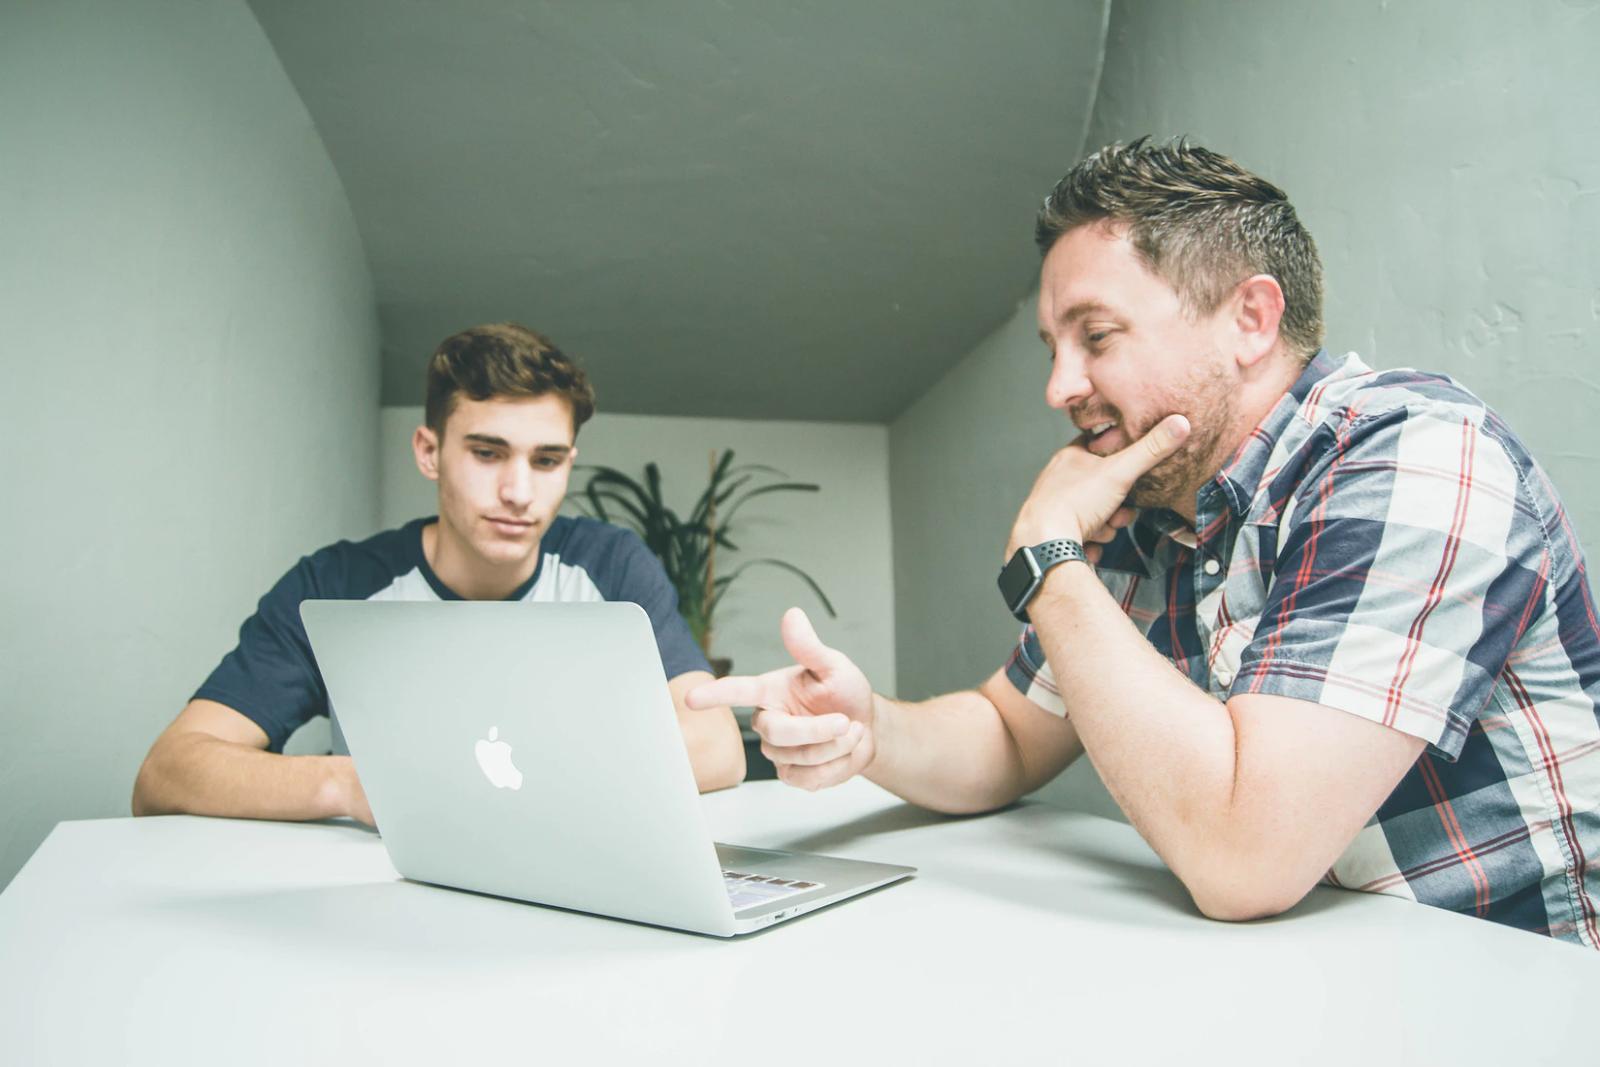 Men planning laptop